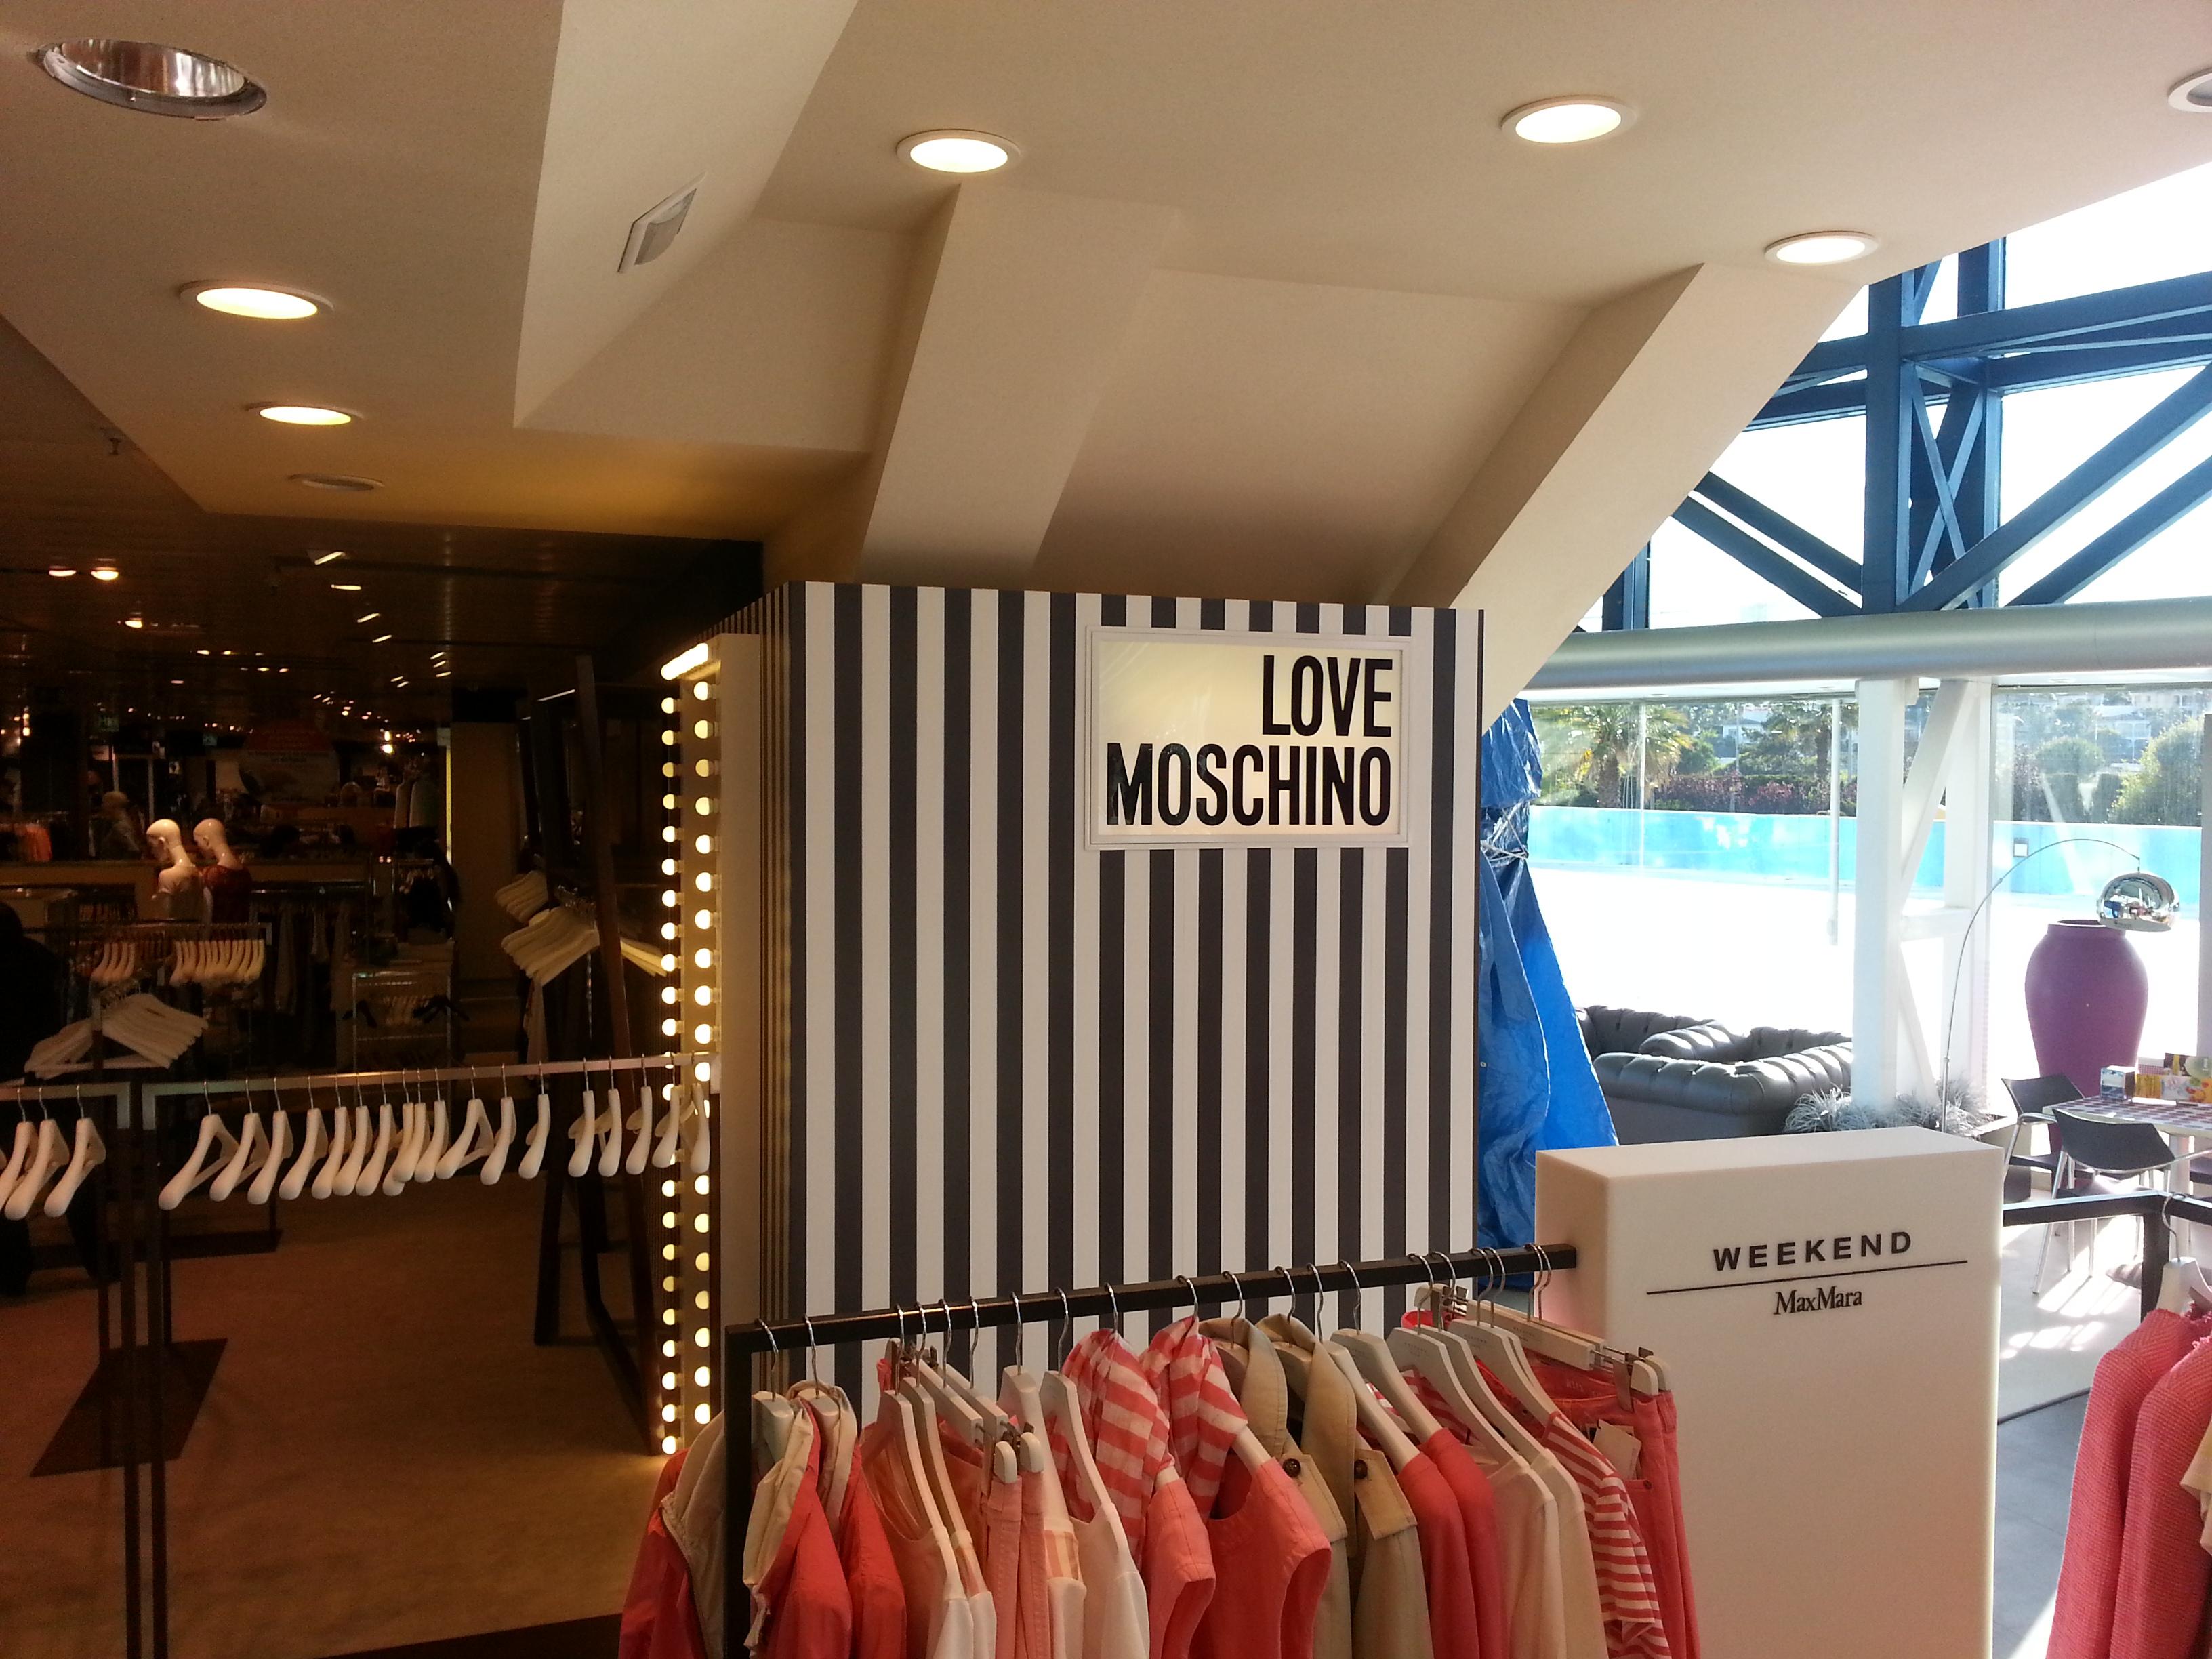 Proyecto Axioma: Love Moschino